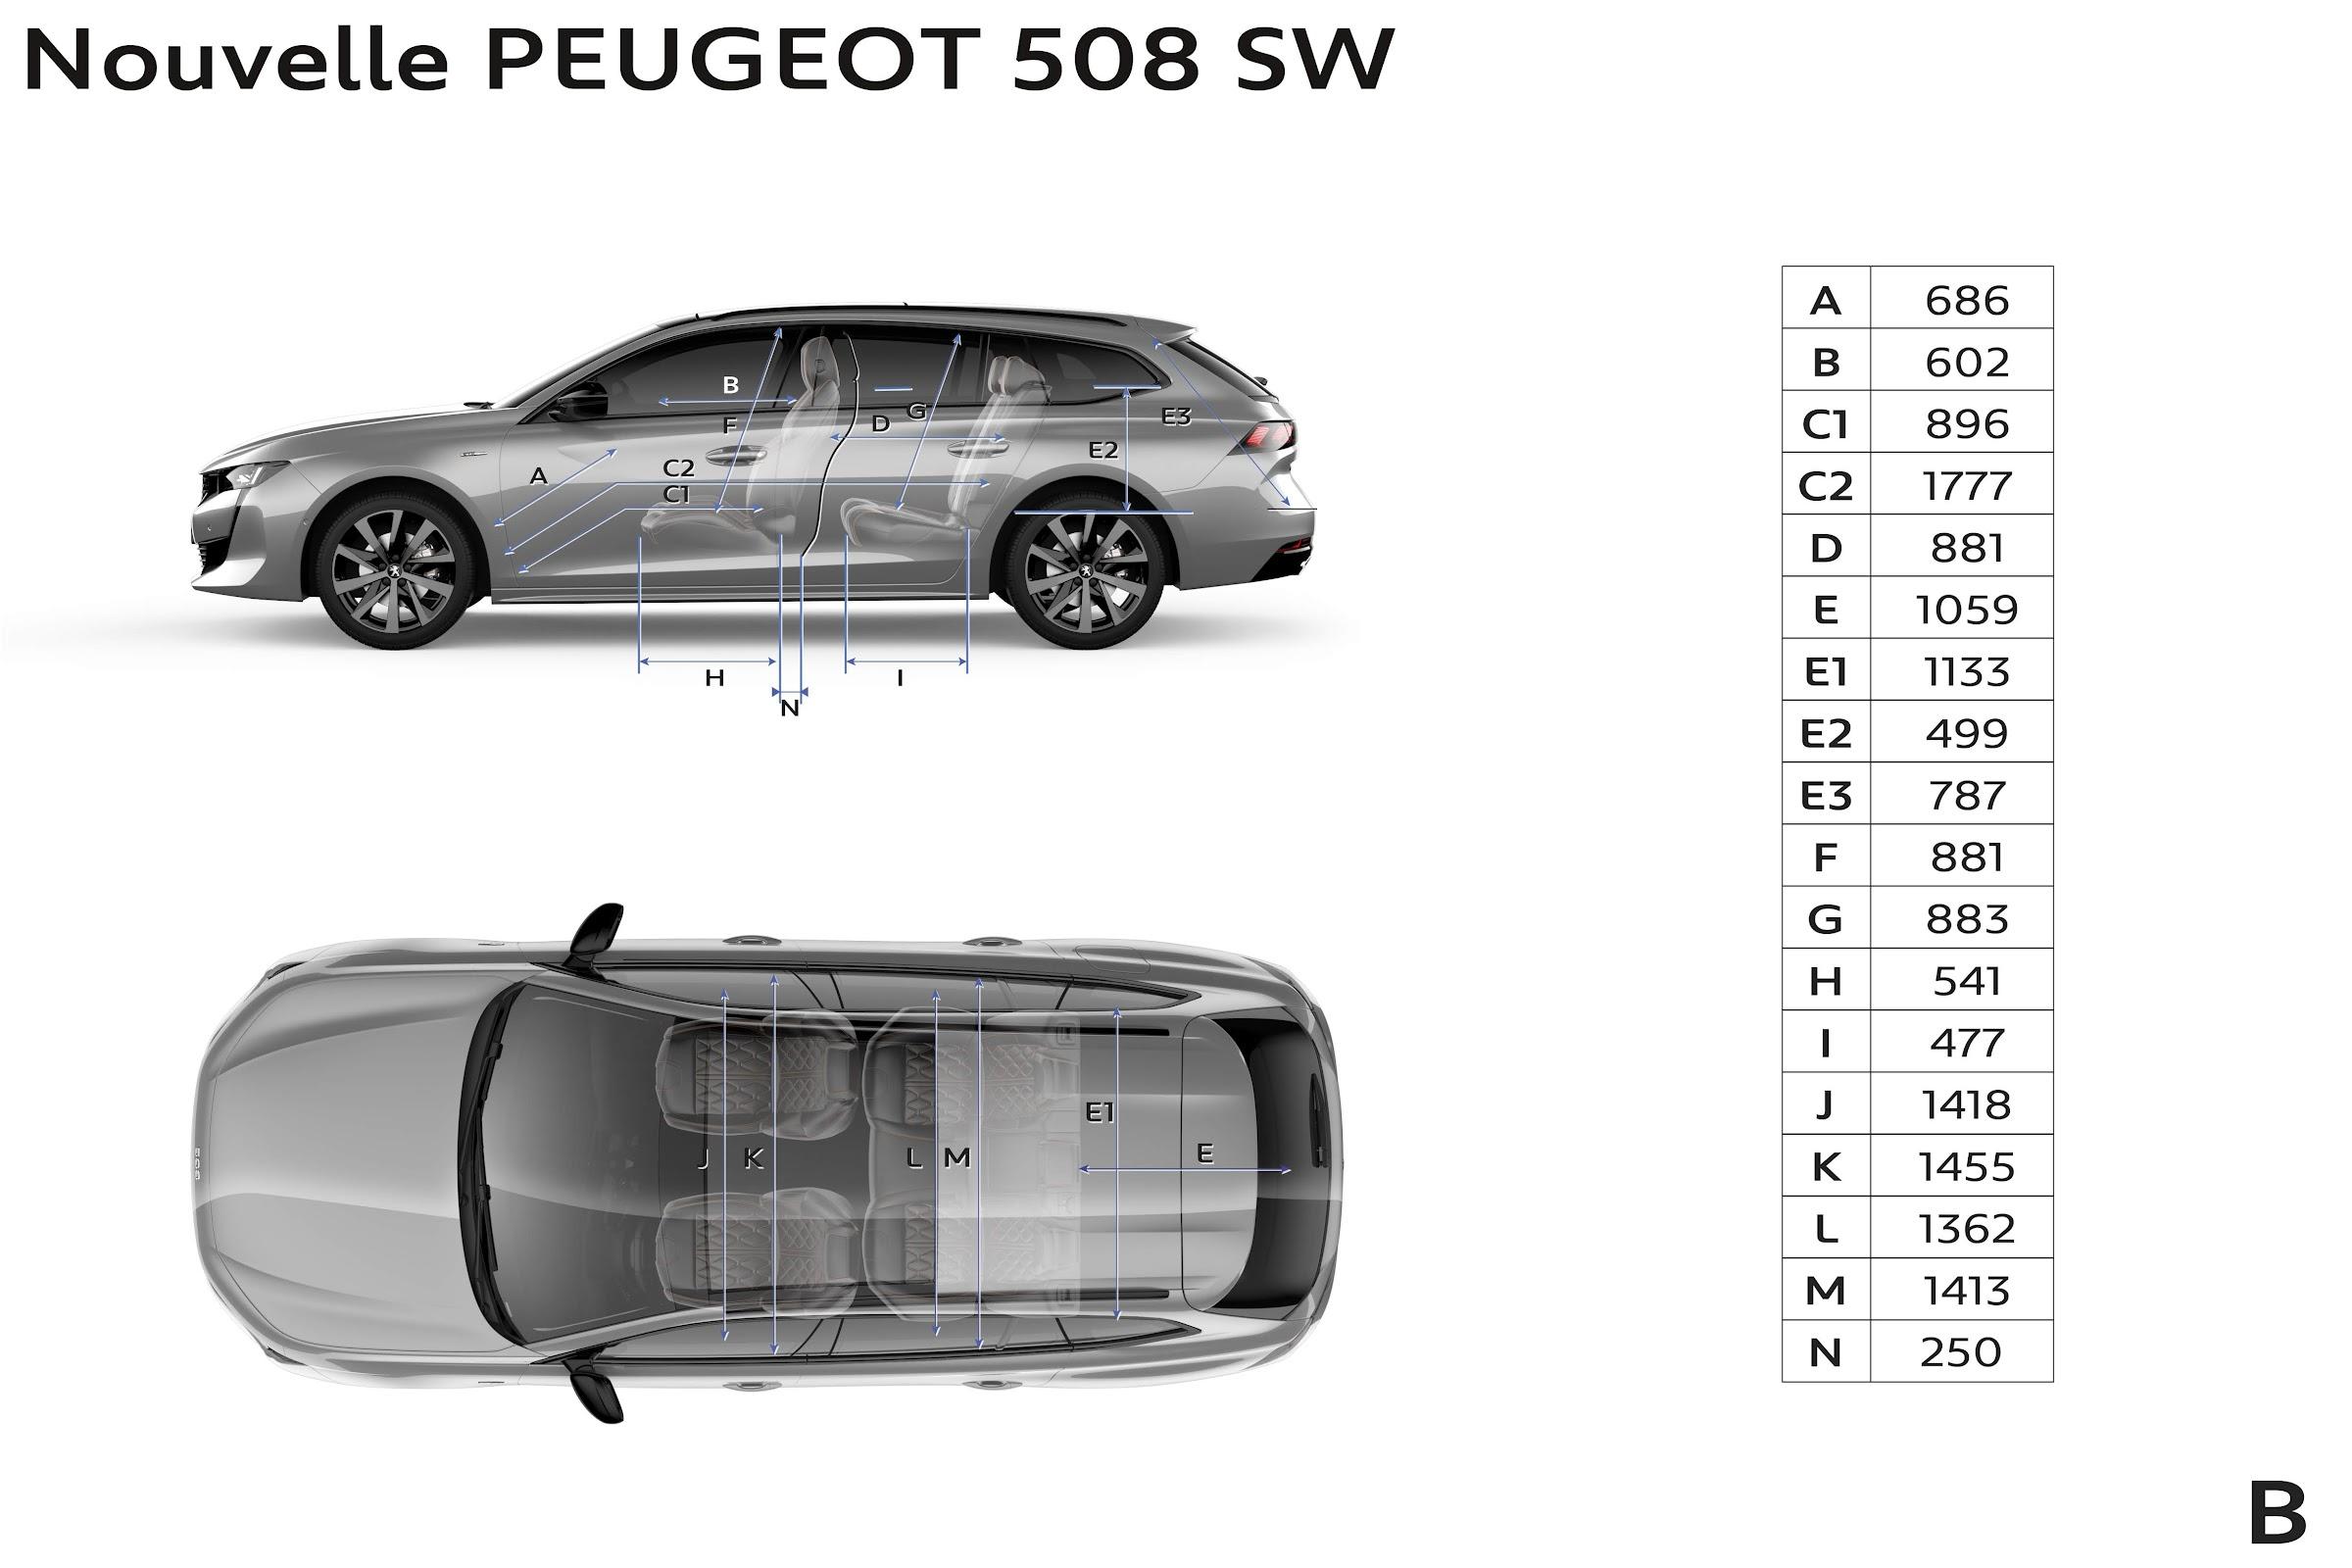 obwsQ Zblss4yHms5Kb4W24yZPA 47Ouqzm9U42wm8aDs4u8ZEdwLGU5tdsk6mqY2ceEEHsJz9wkP7bPZ0iAr lshKM3eErtiTFTOE8m9QdN63mYIrFkNxvet1roCQjHGUT7yr4h1w=w2400 - Peugeot 508 SW: llega la versión familiar